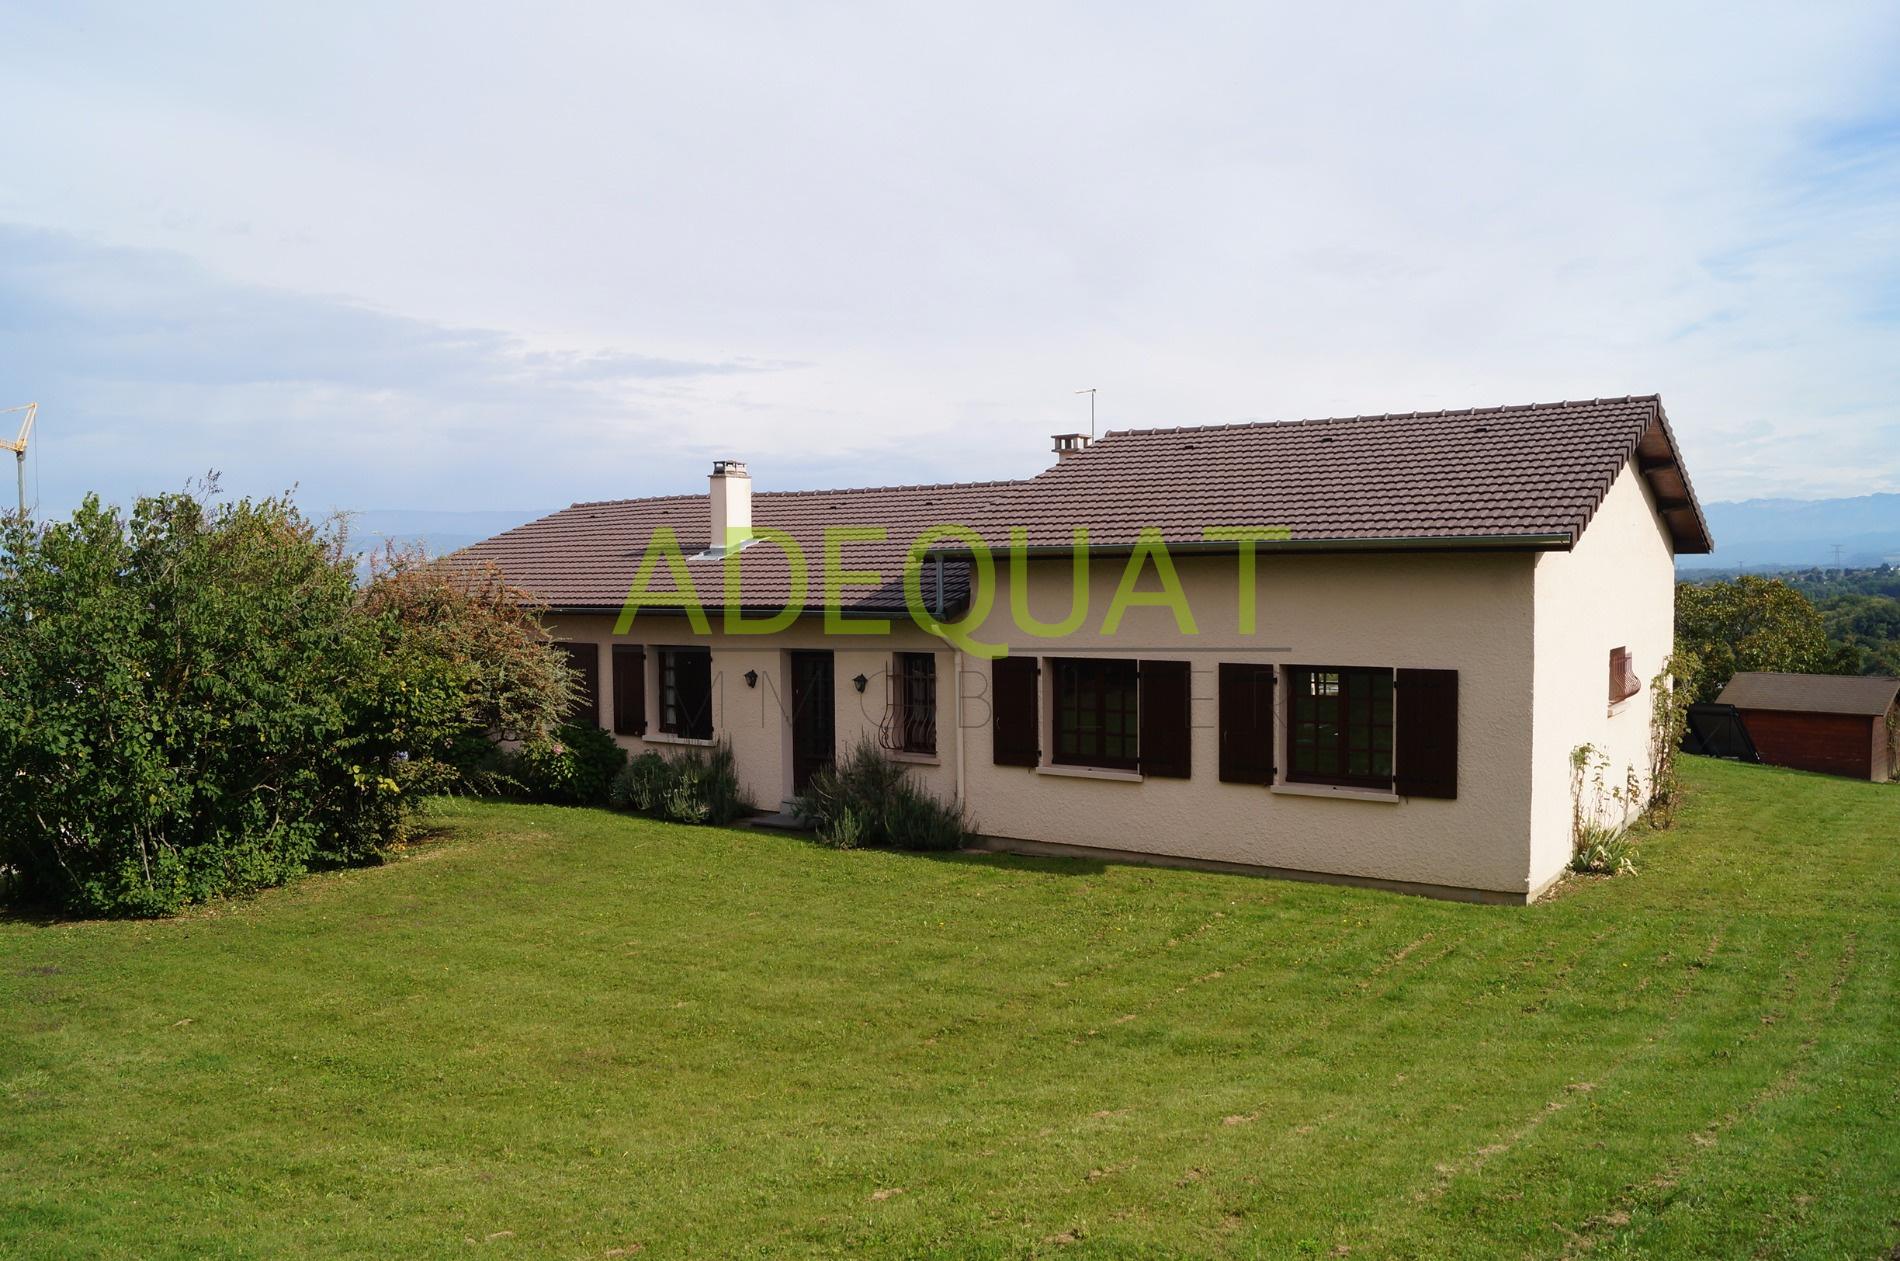 Vente maison avec vue exceptionnelle et grand terrain for Maison container terrain non constructible